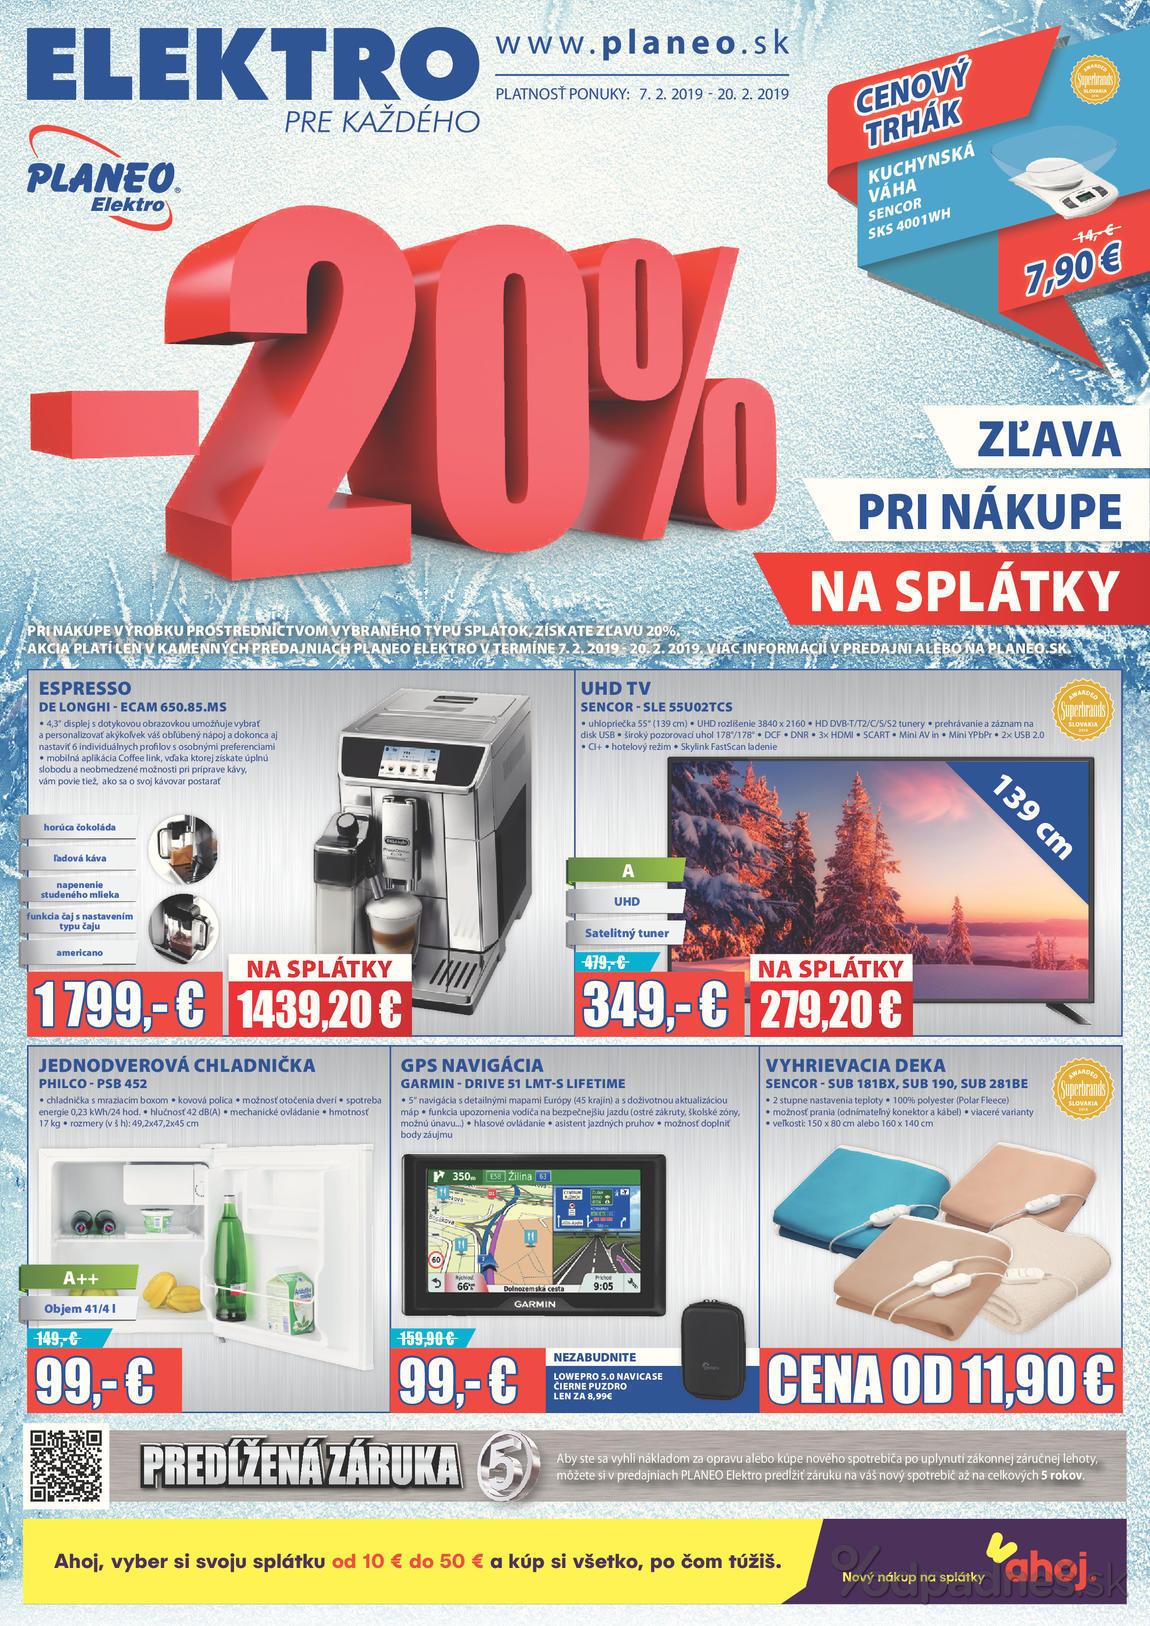 332502e03 Planeo Elektro leták platný do 20.2.2019   Letákovo.sk